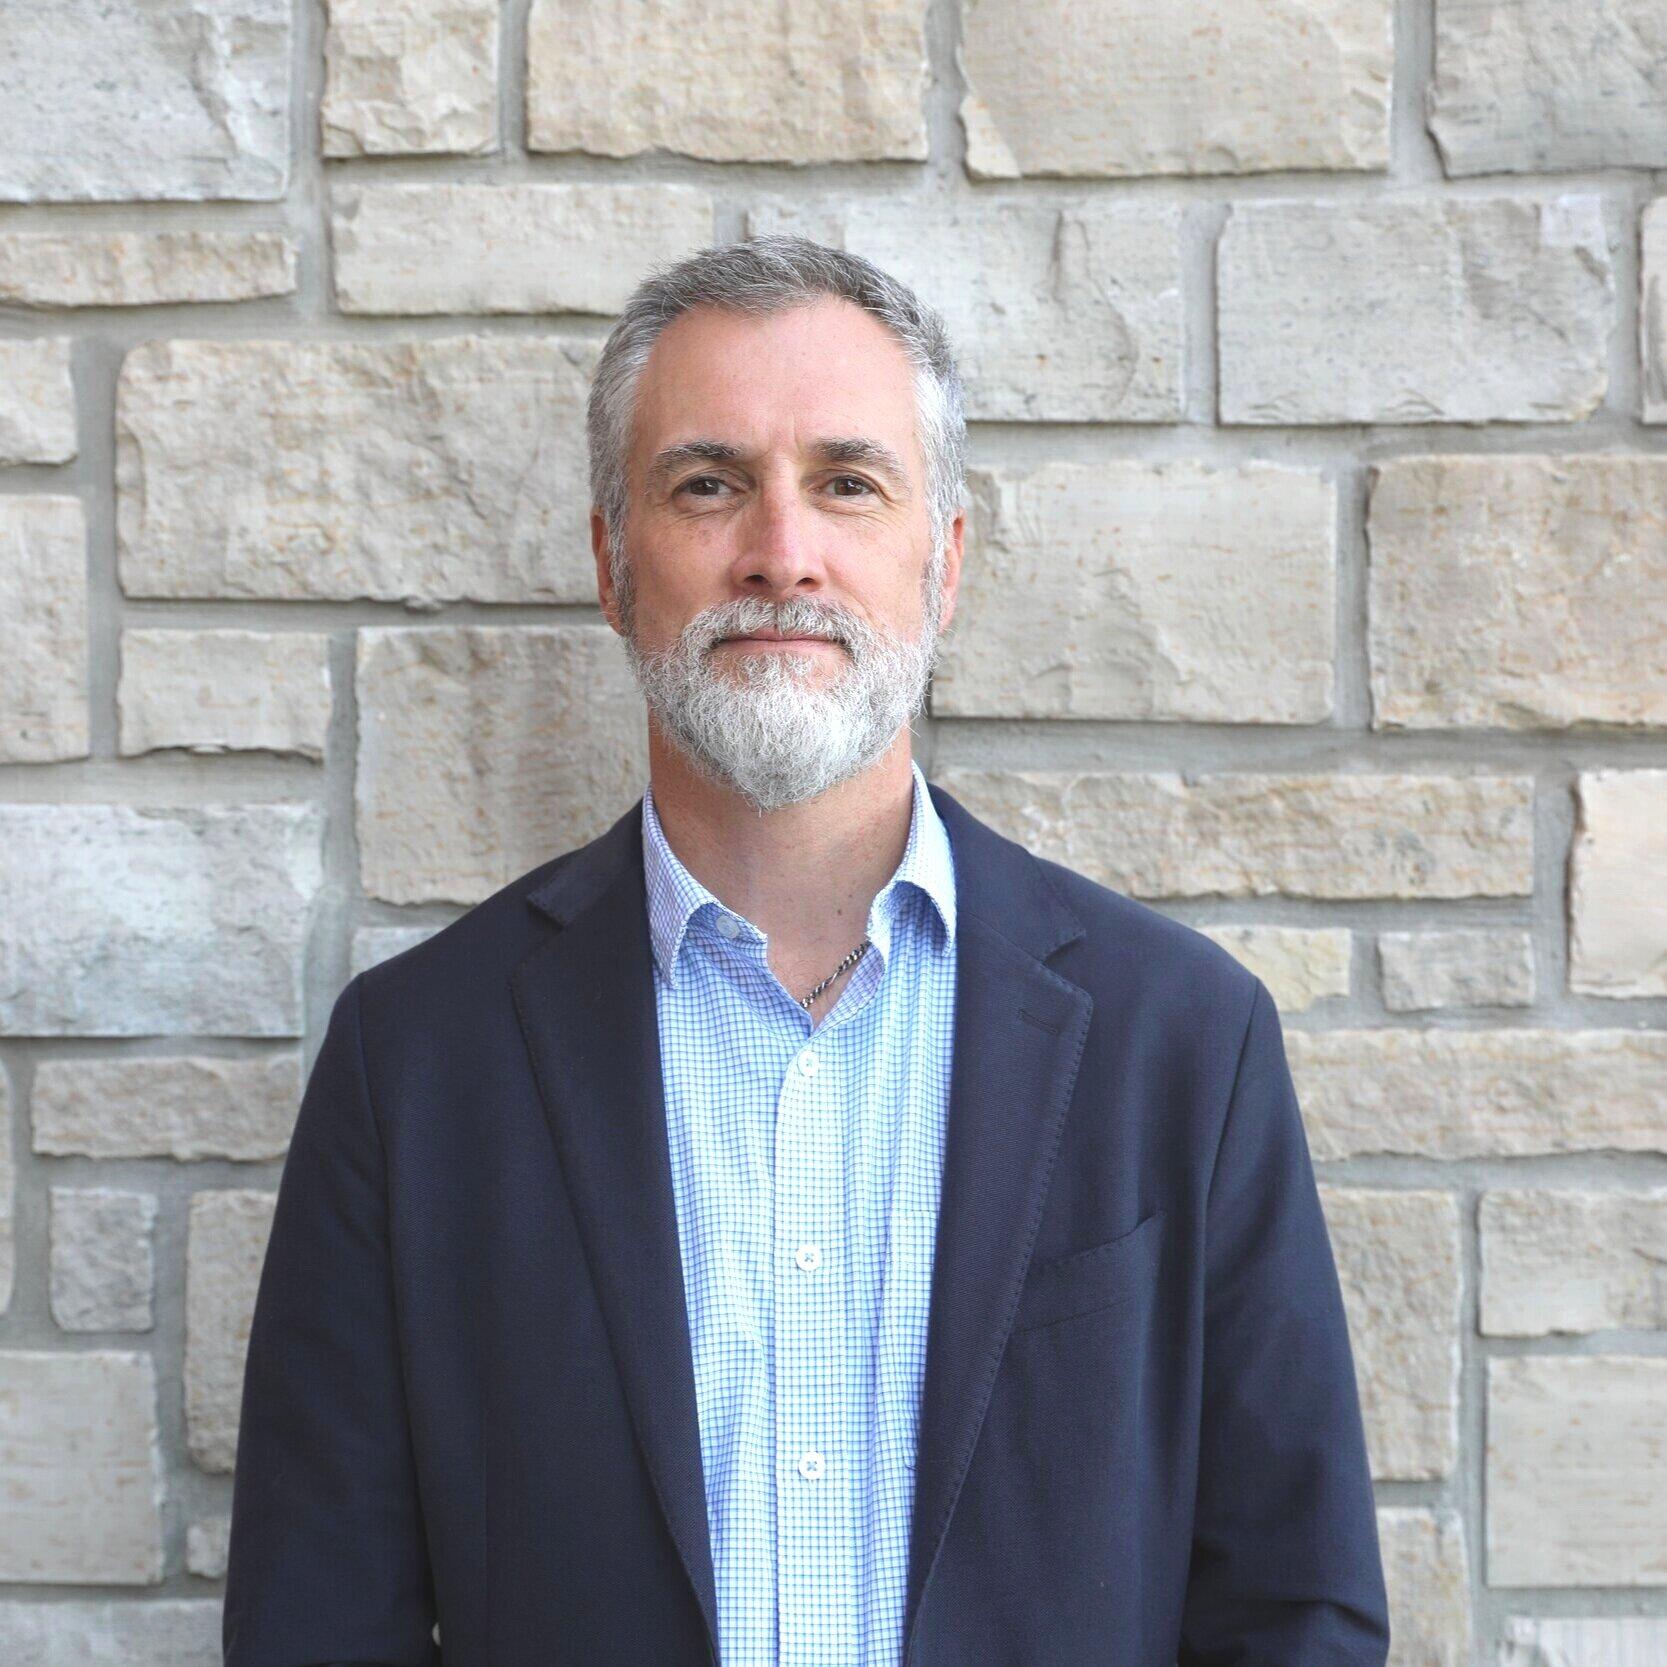 Dr. Mike Scherschligt